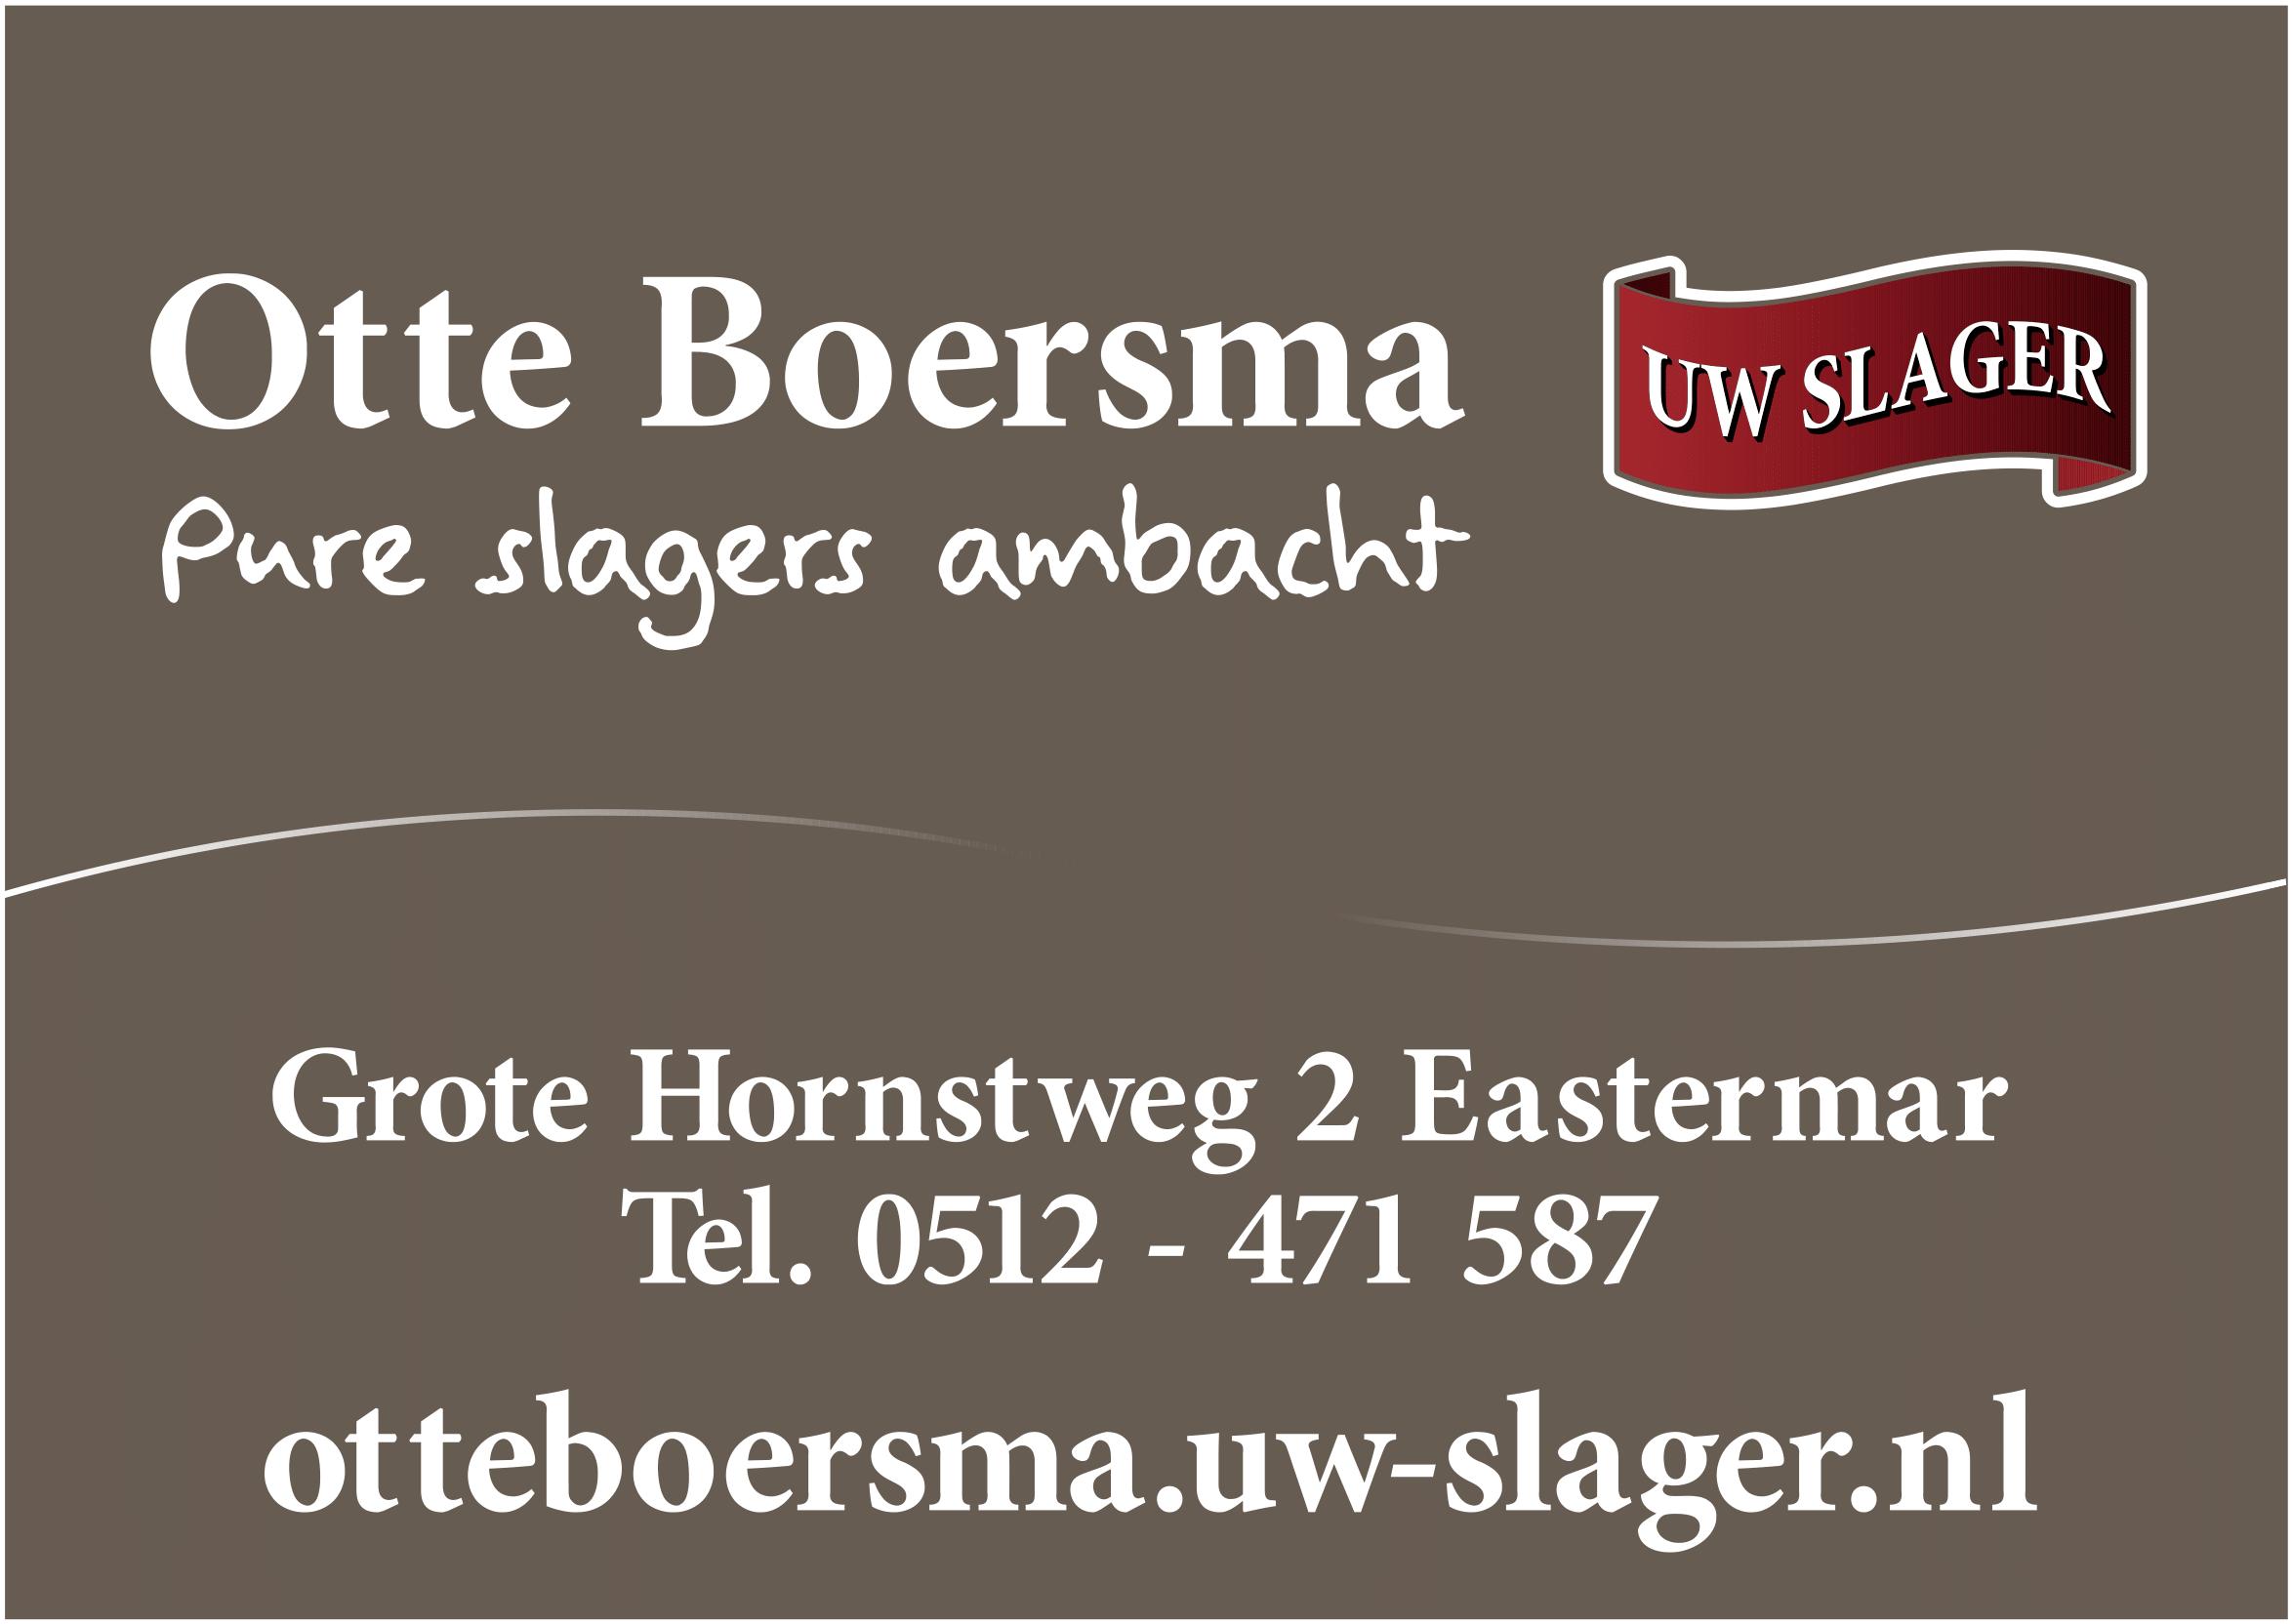 Otte Boersma